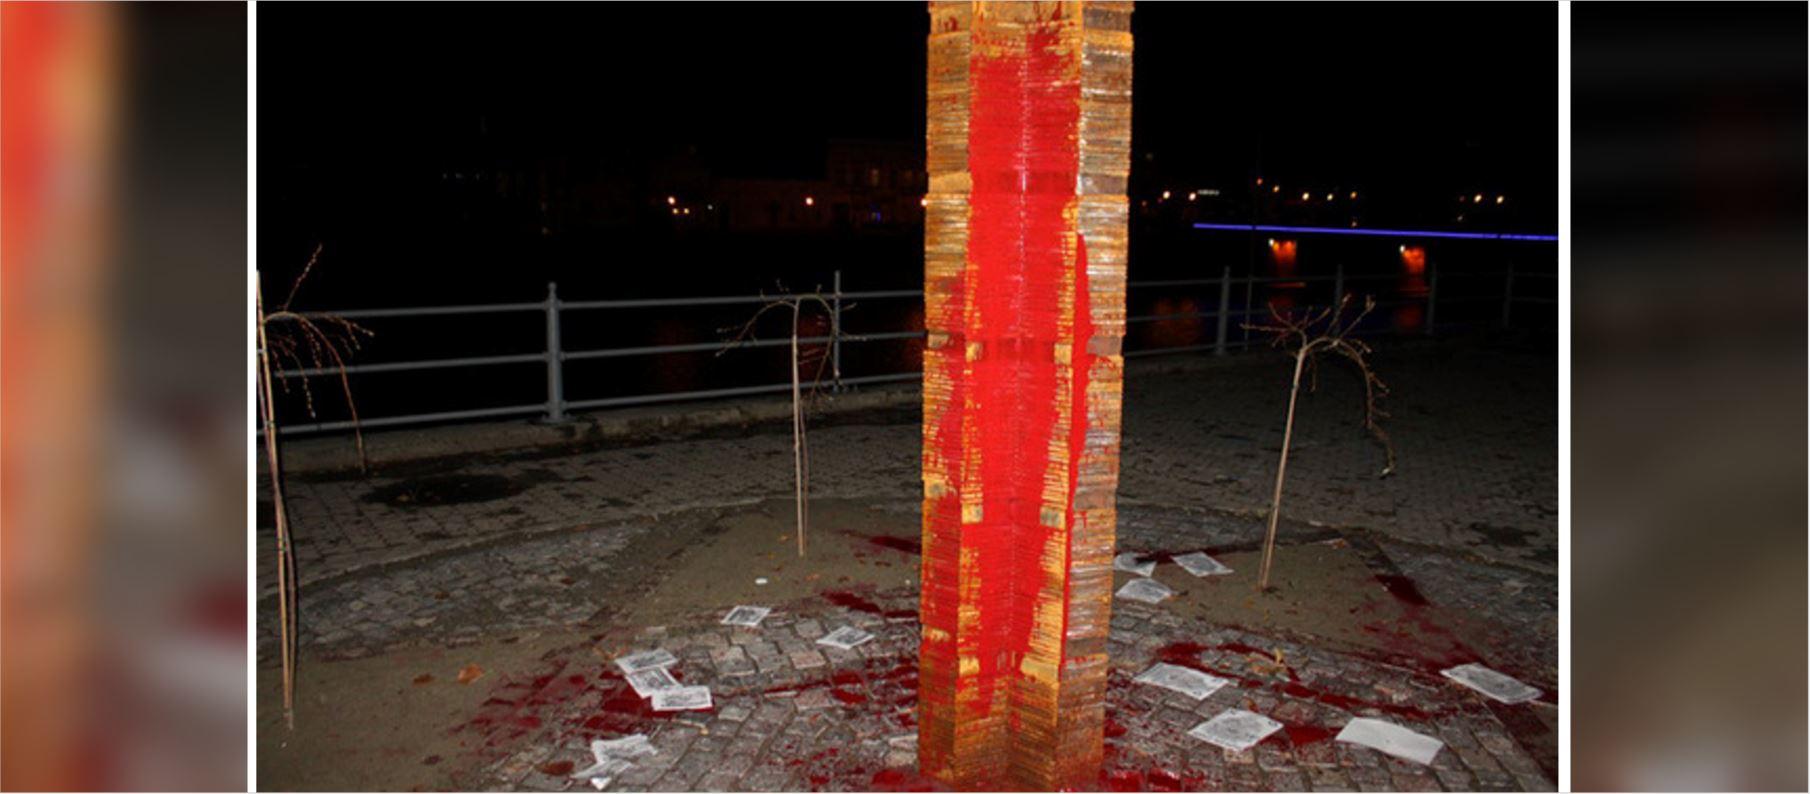 Anti-Semites attack Holocaust memorial in Ukraine